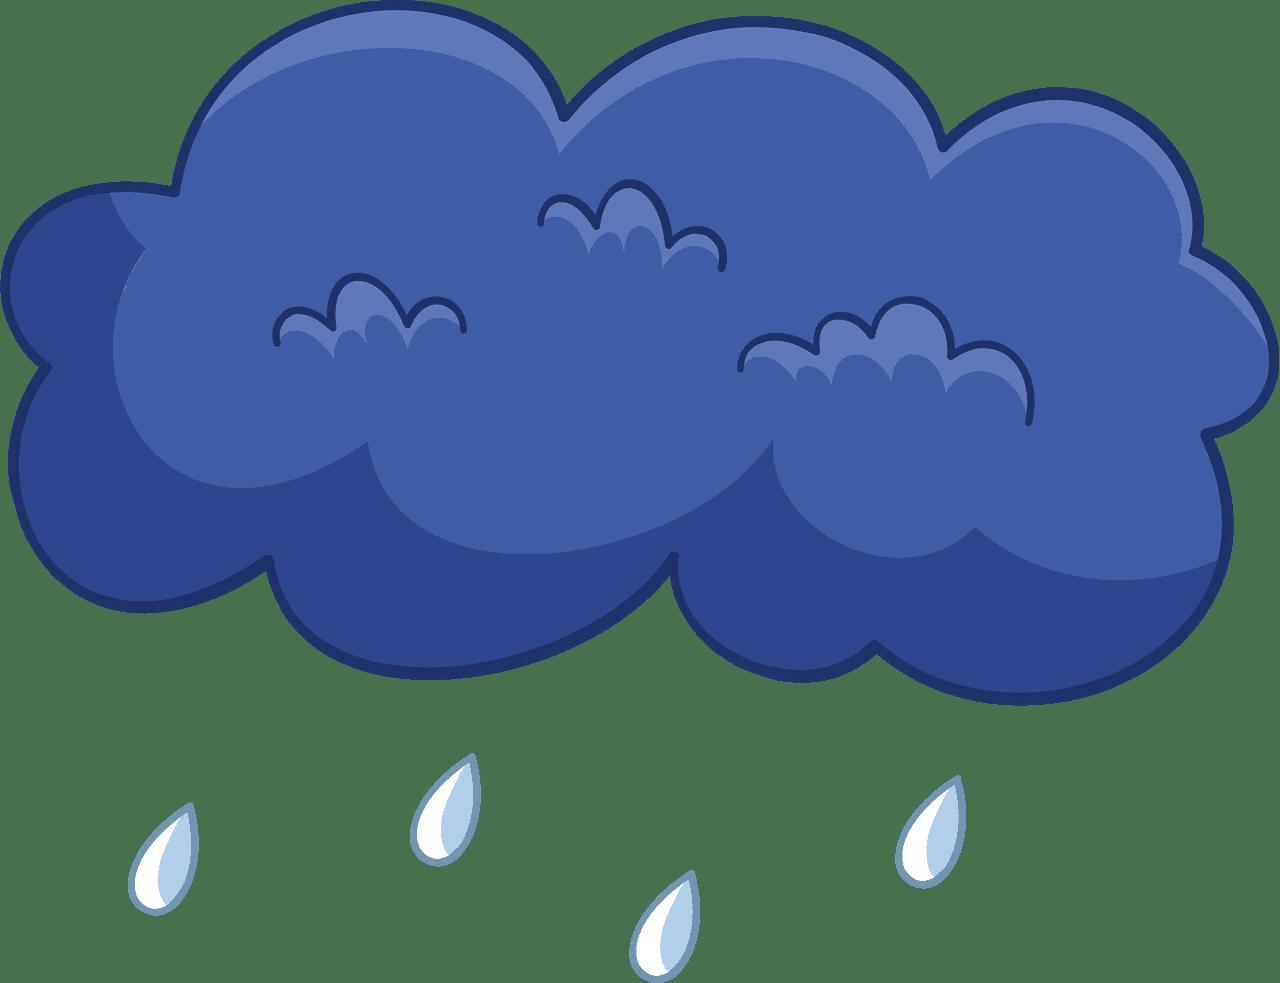 Rain clipart transparent background 4